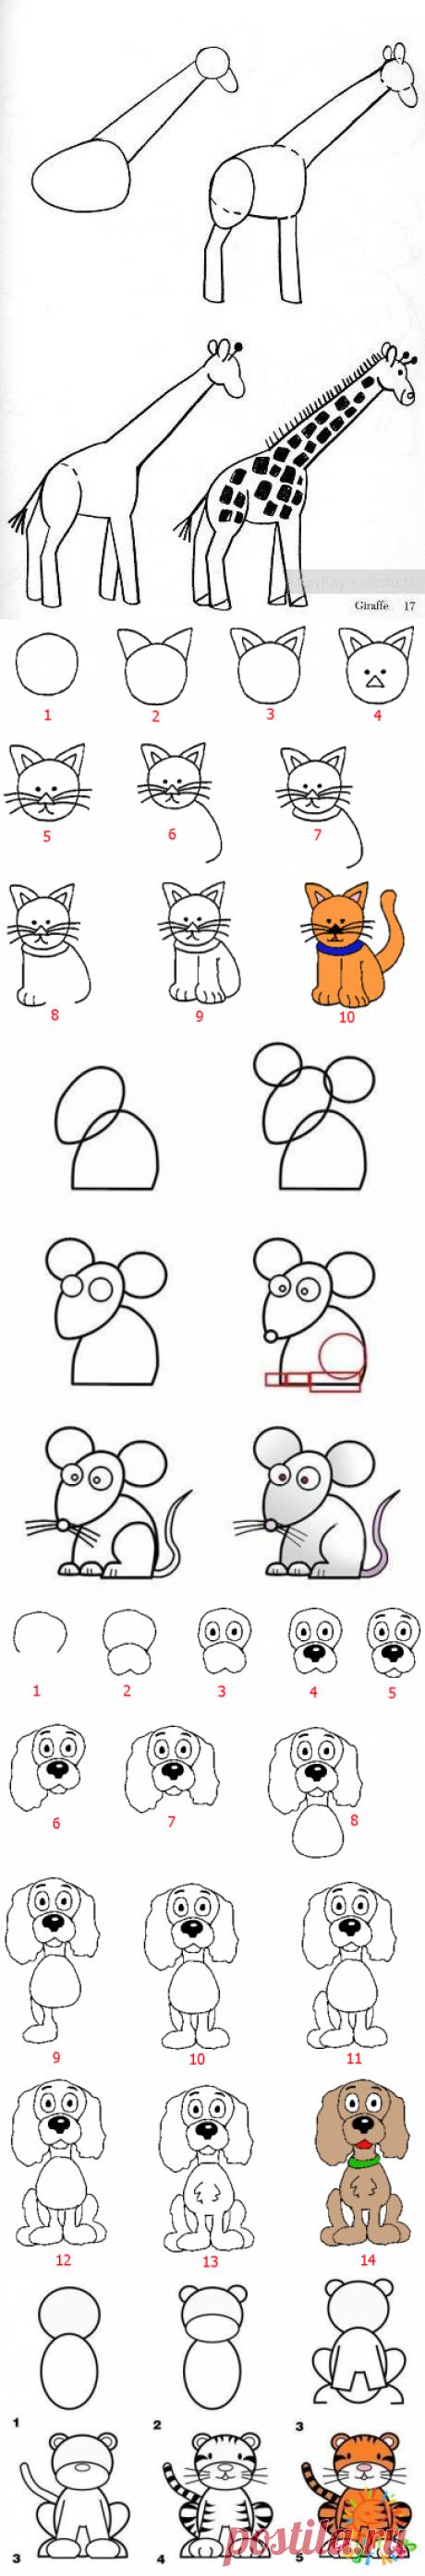 Учимся рисовать животных. 12 простых схем — Я happy МАМА